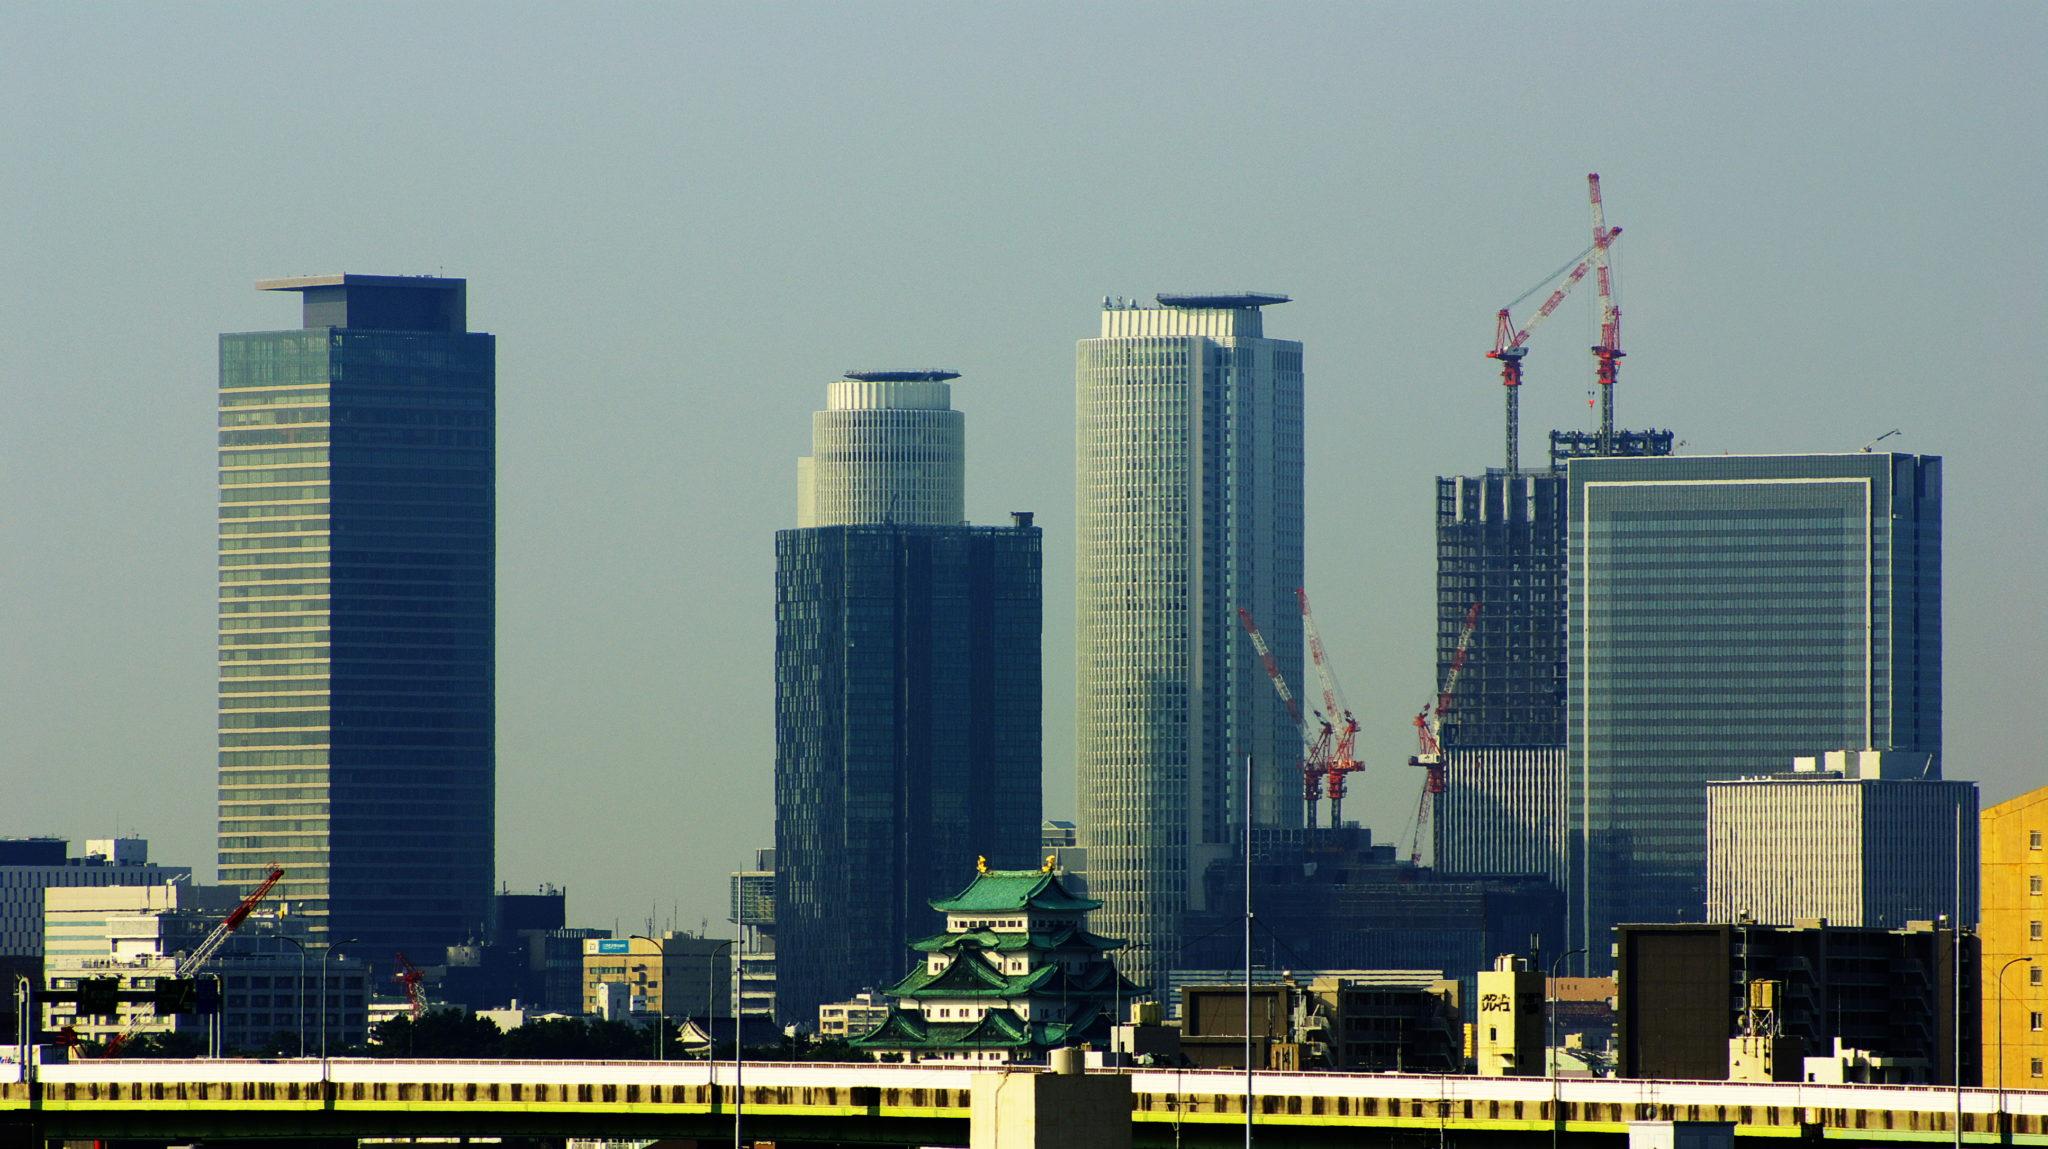 151023 Nagoya Castle  Skyscrapers in Meieki - Asian Games Nagoya